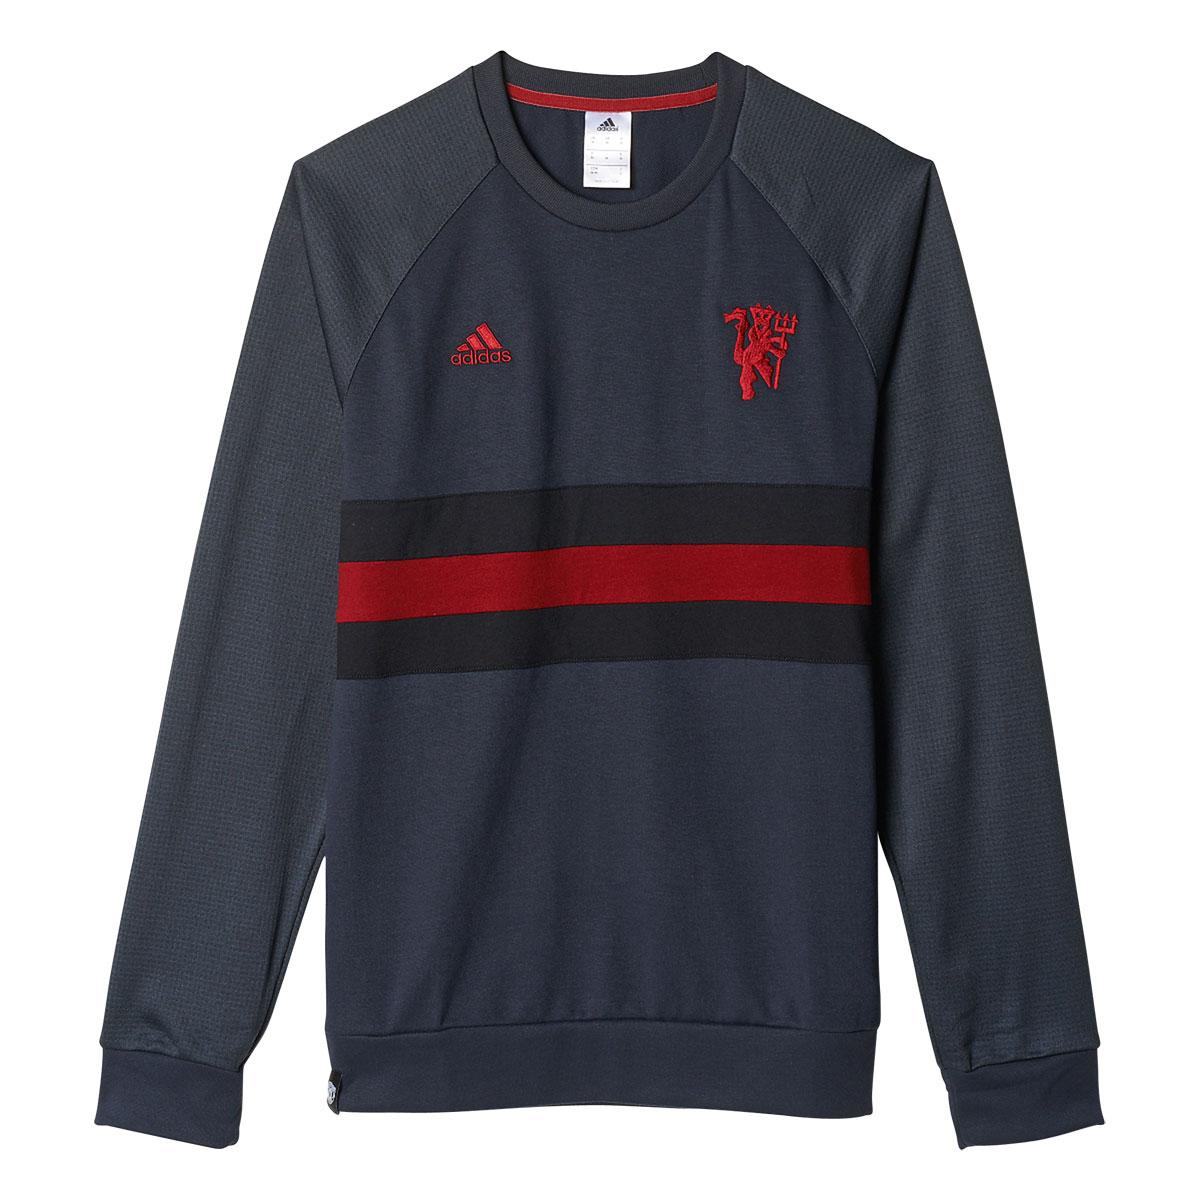 Adidas Mens Manchester United Fanwear Crew Sweatshirt